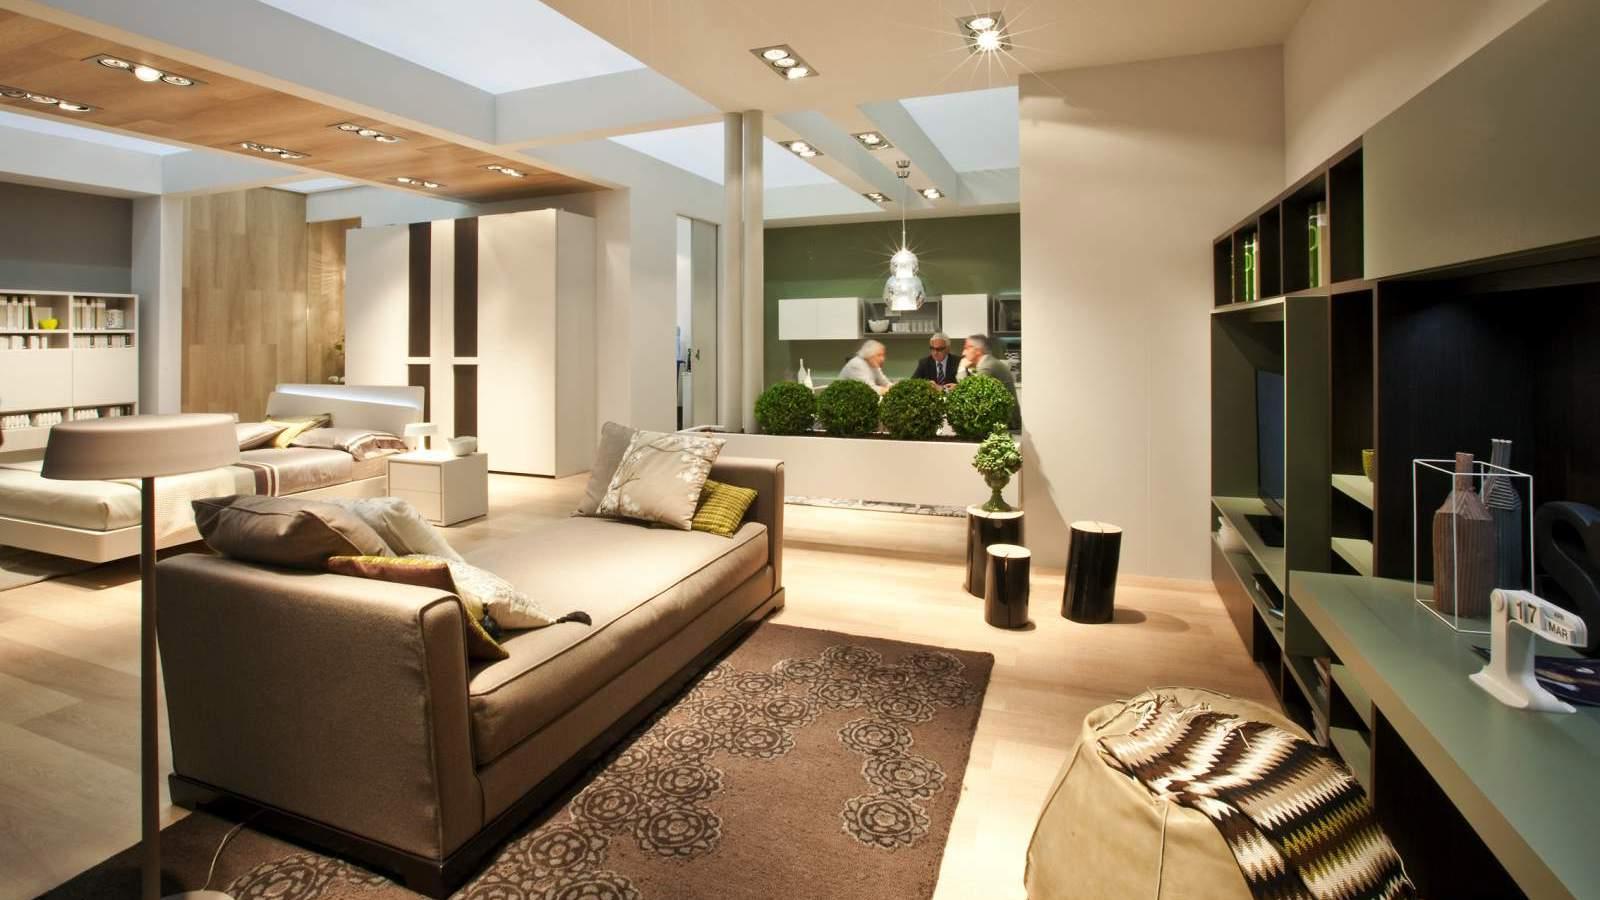 Villanova salone del mobile 2012 milano bottega architetture espositive - Mobilificio villanova ...